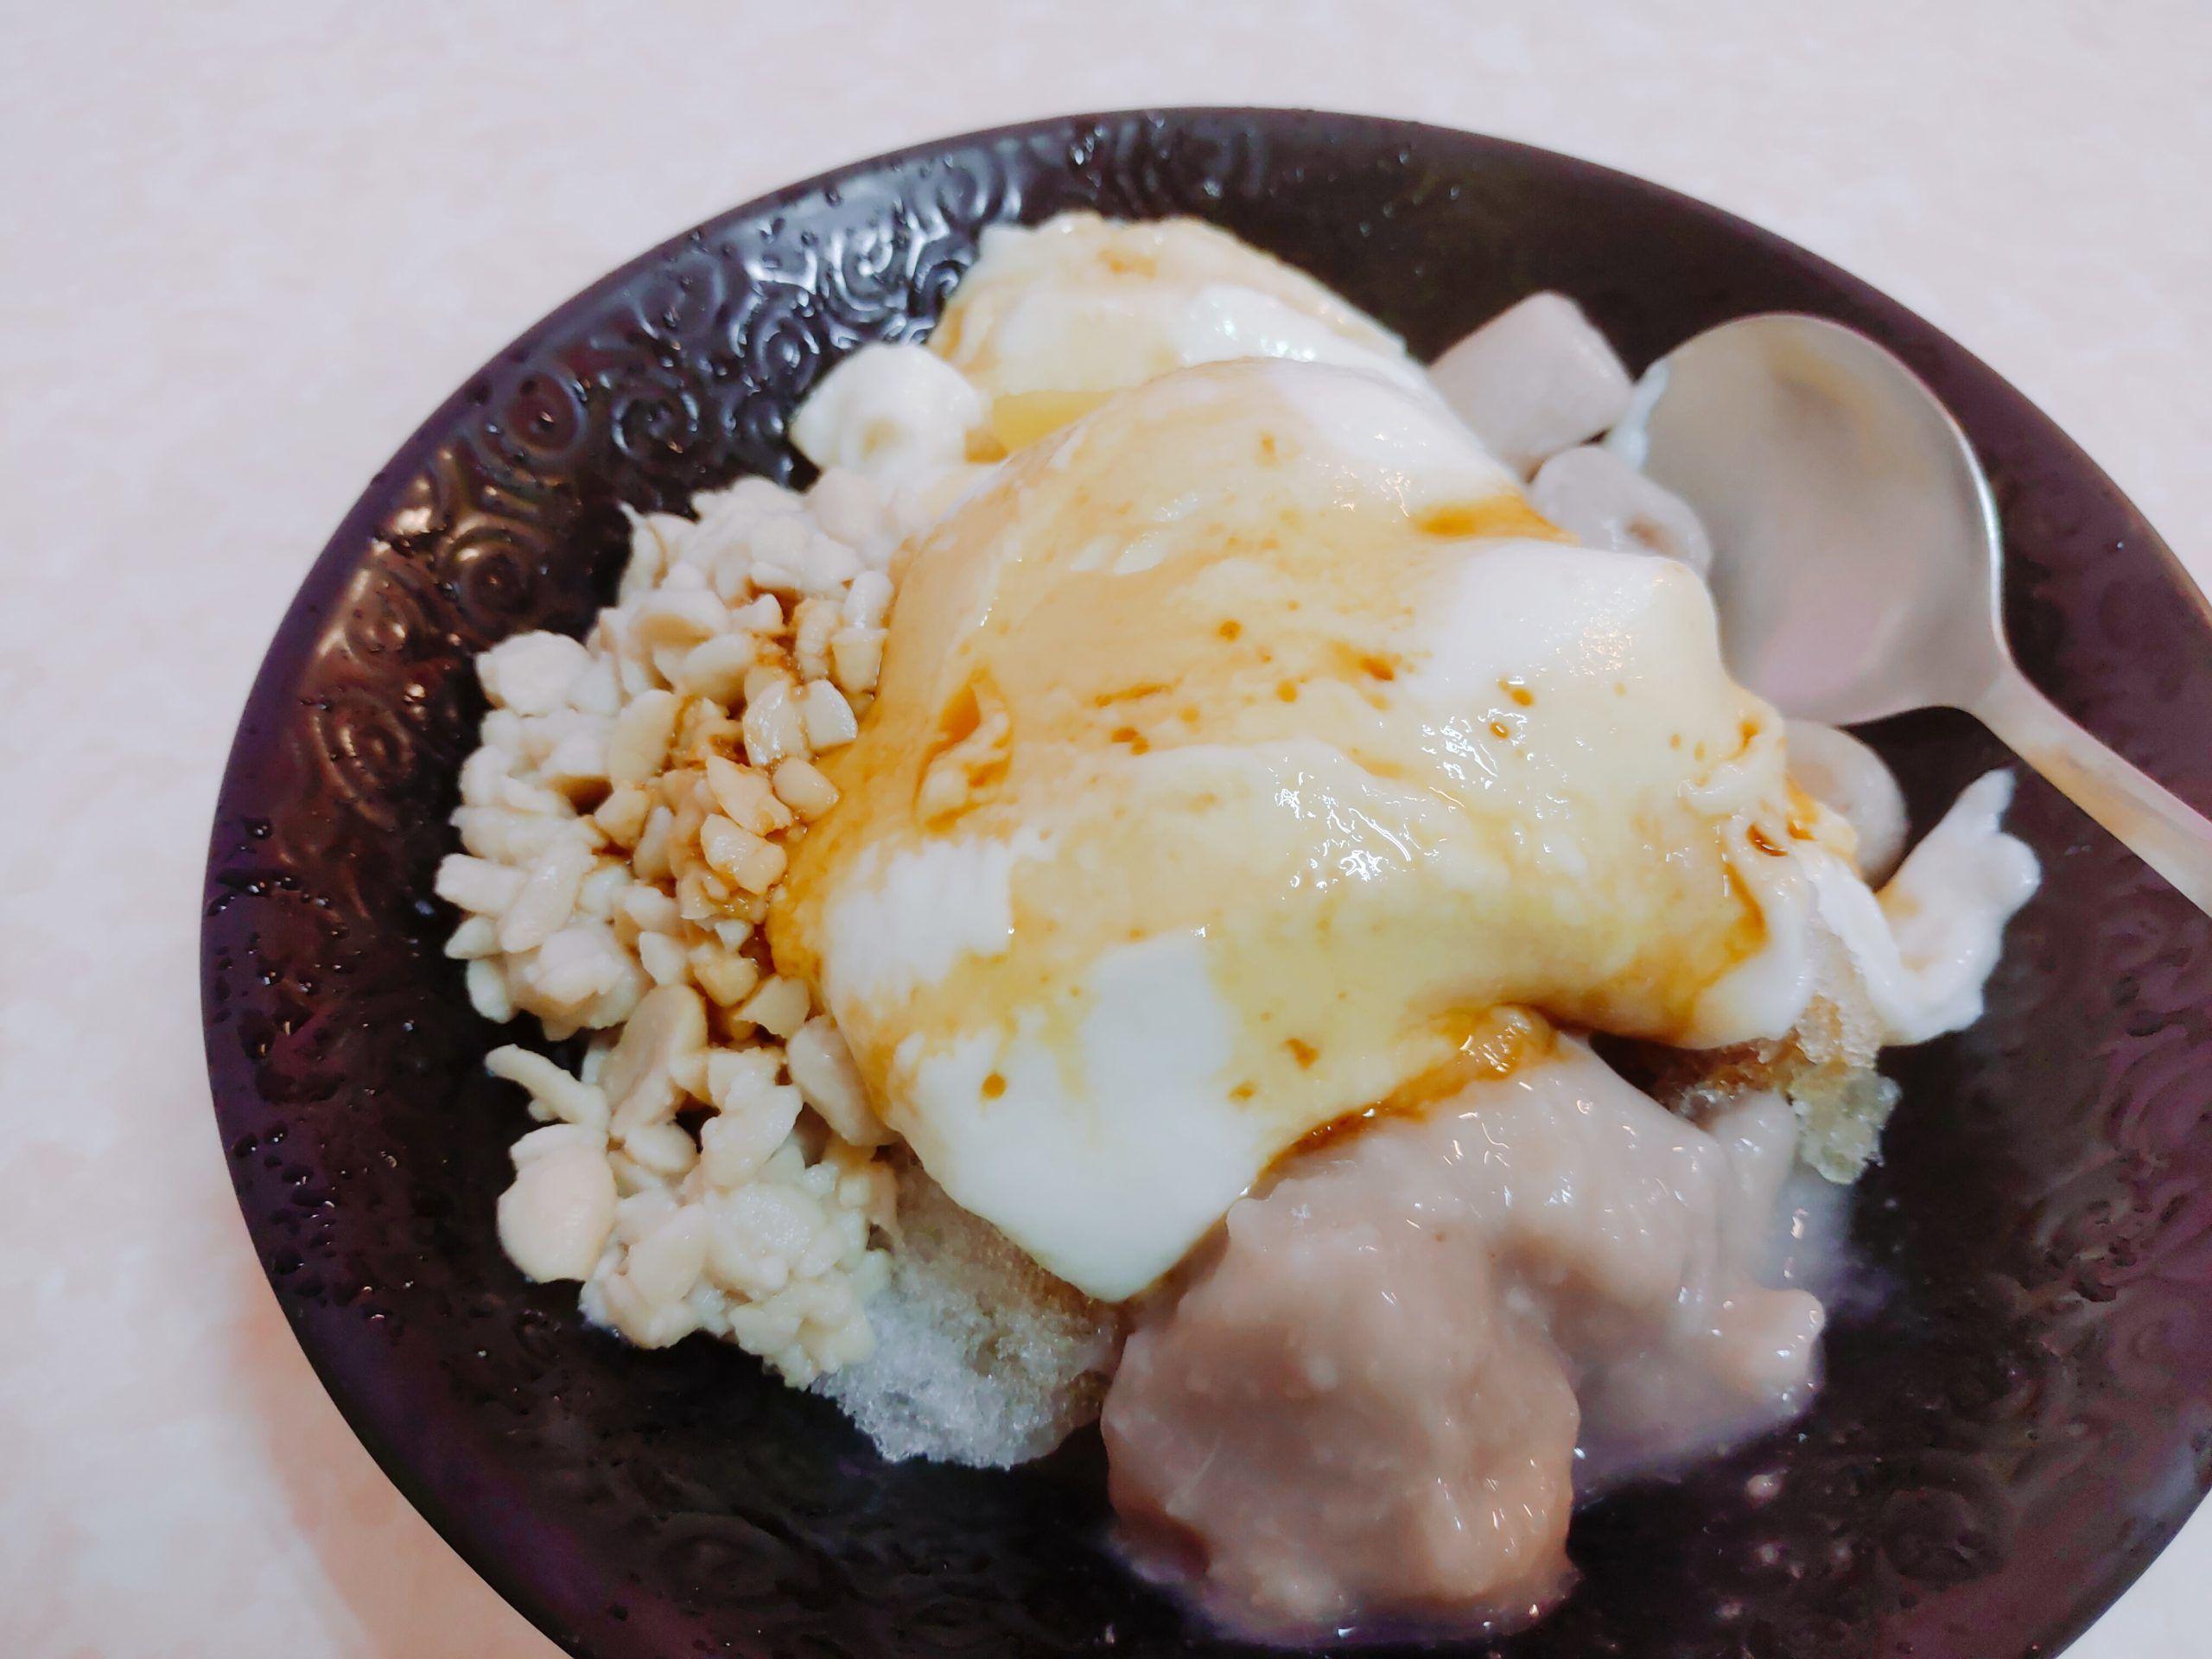 【花蓮瑞穗】鮮奶豆花冰店|綿密可口的鮮奶豆花X古早味的紅豆湯